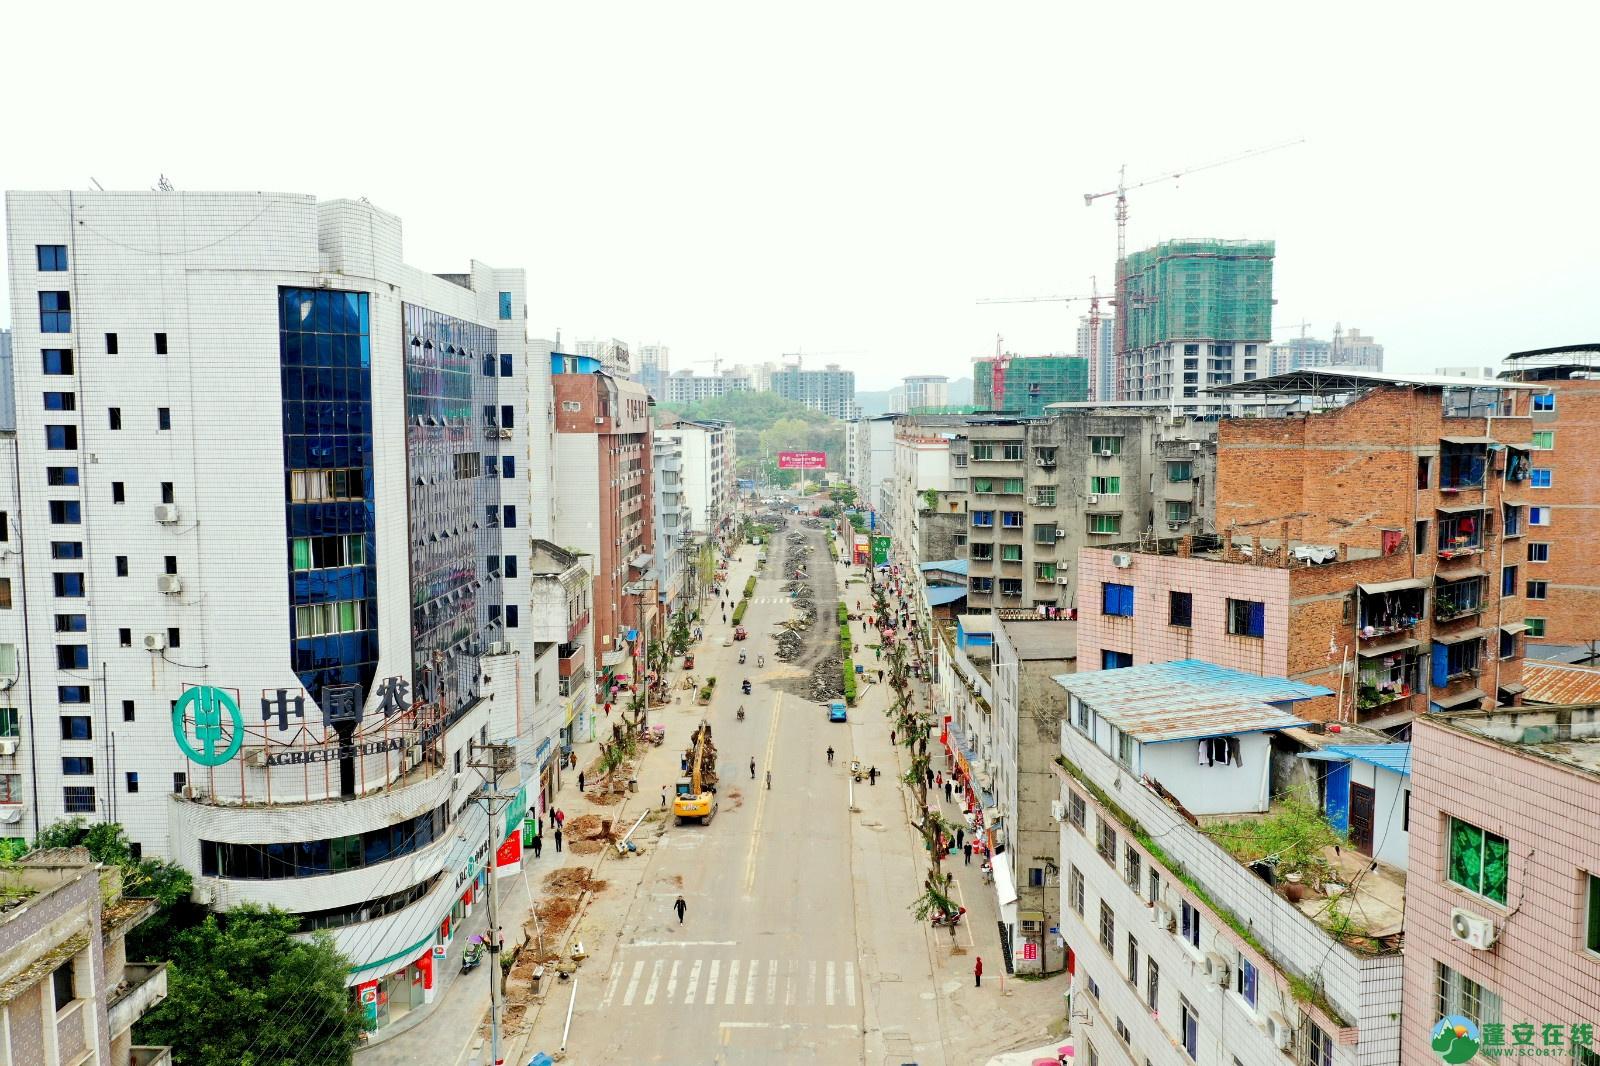 蓬安建设南路老旧街道小区美化改造(2020.3.22) - 第11张  | 蓬安在线